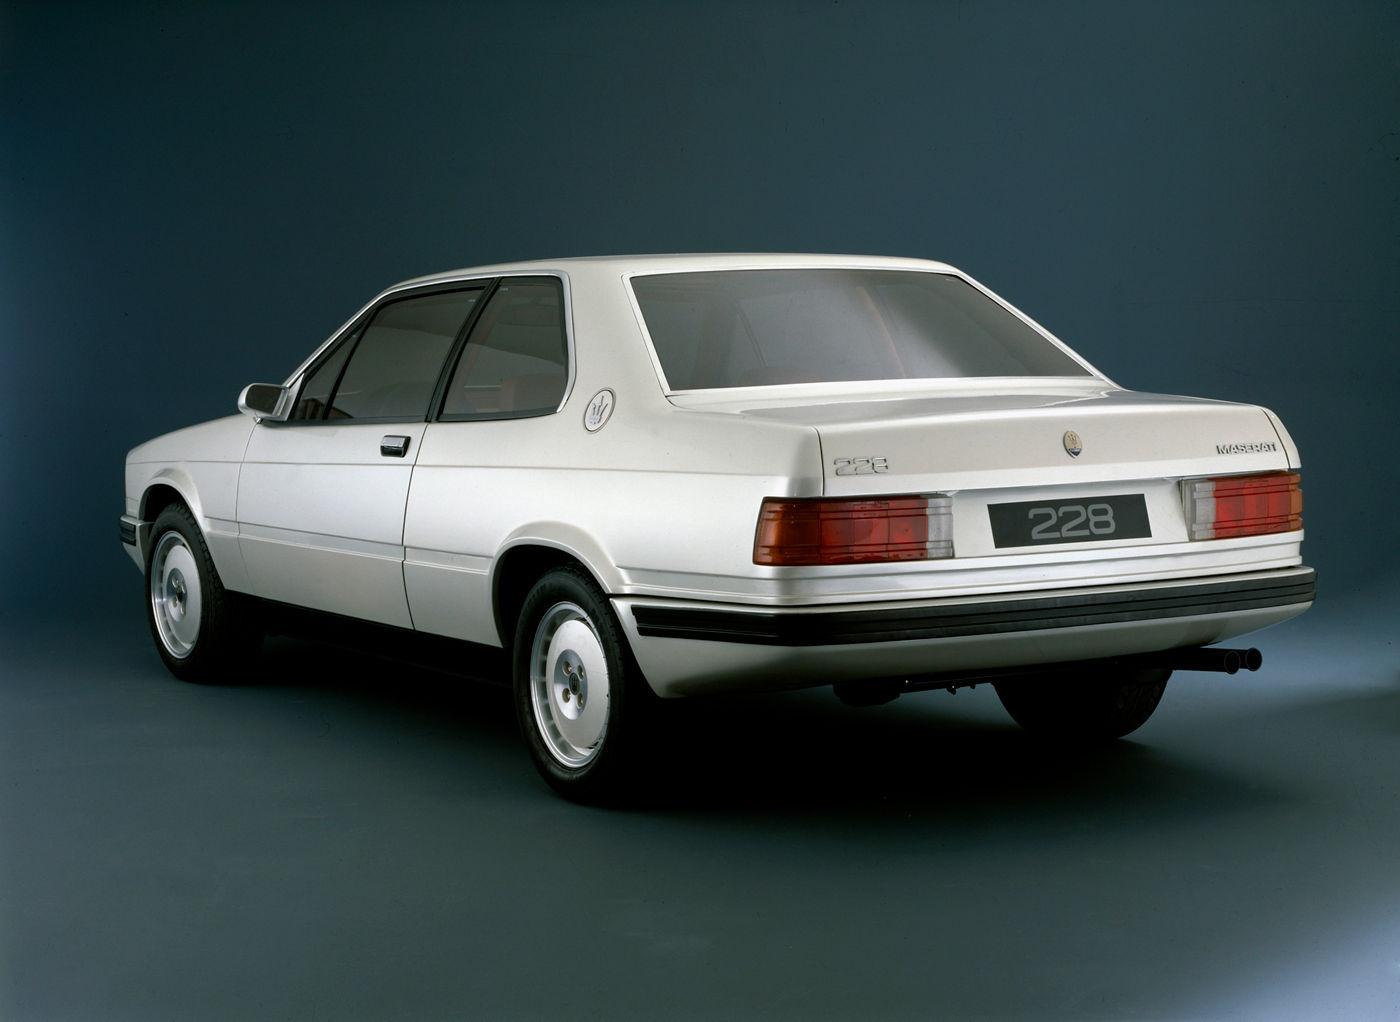 Maserati Classic - Biturbo 228 - carrosserie blanche - vue latérale postérieure